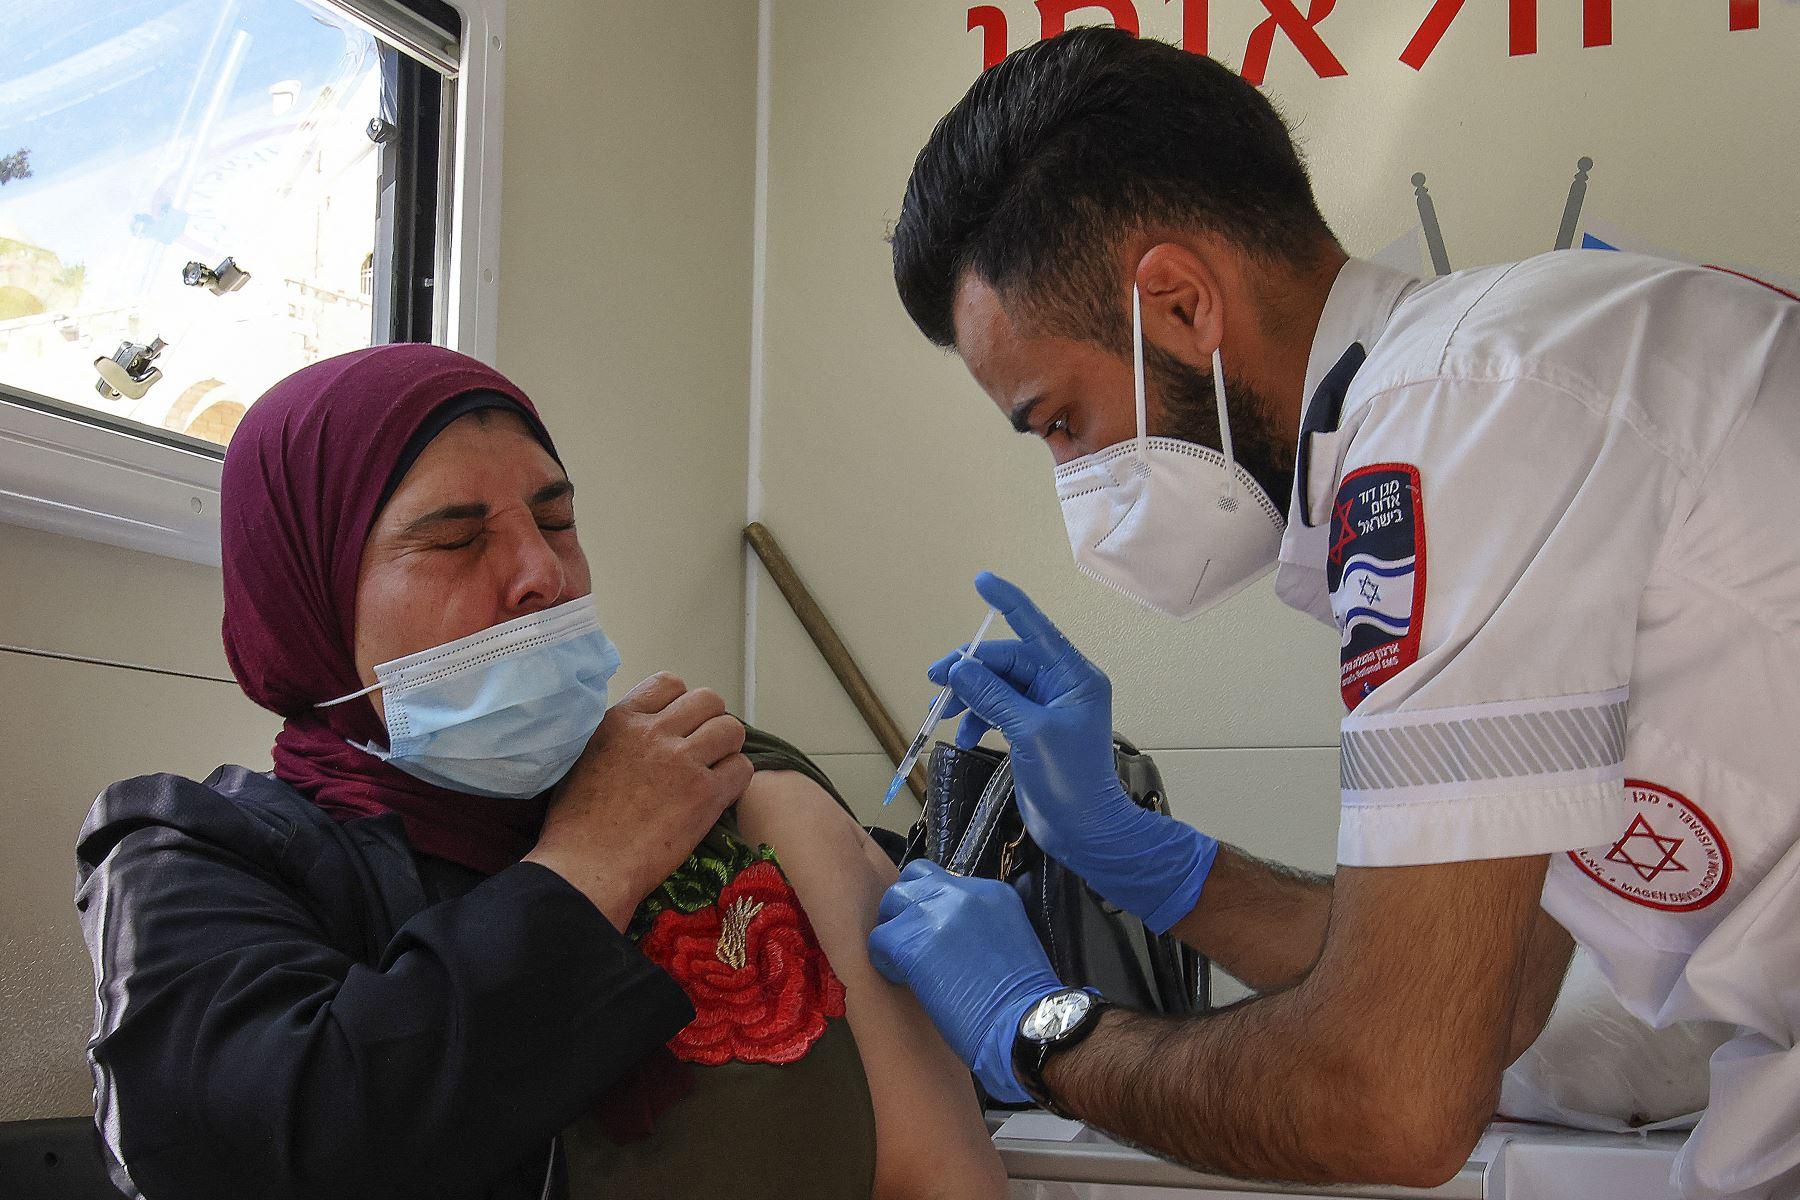 Un paramédico de los servicios médicos israelíes Magen David Adom vacuna a una mujer palestina en una clínica móvil el 26 de febrero de 2021 en la Puerta de Damasco en la Ciudad Vieja de Jerusalén. Foto: AFP